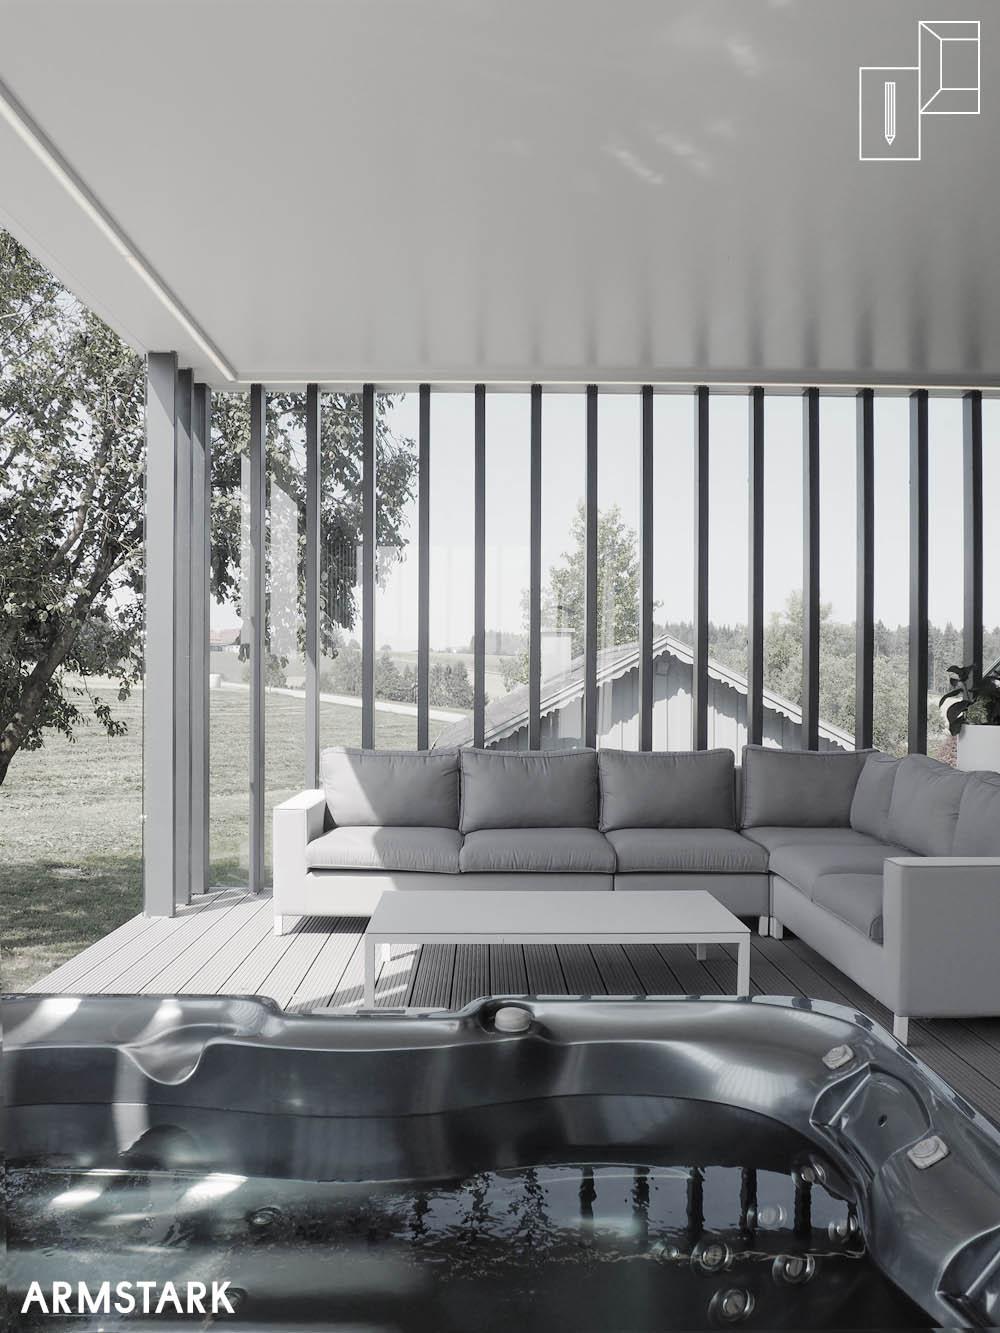 Terrasse mit Outdoor-Sofa